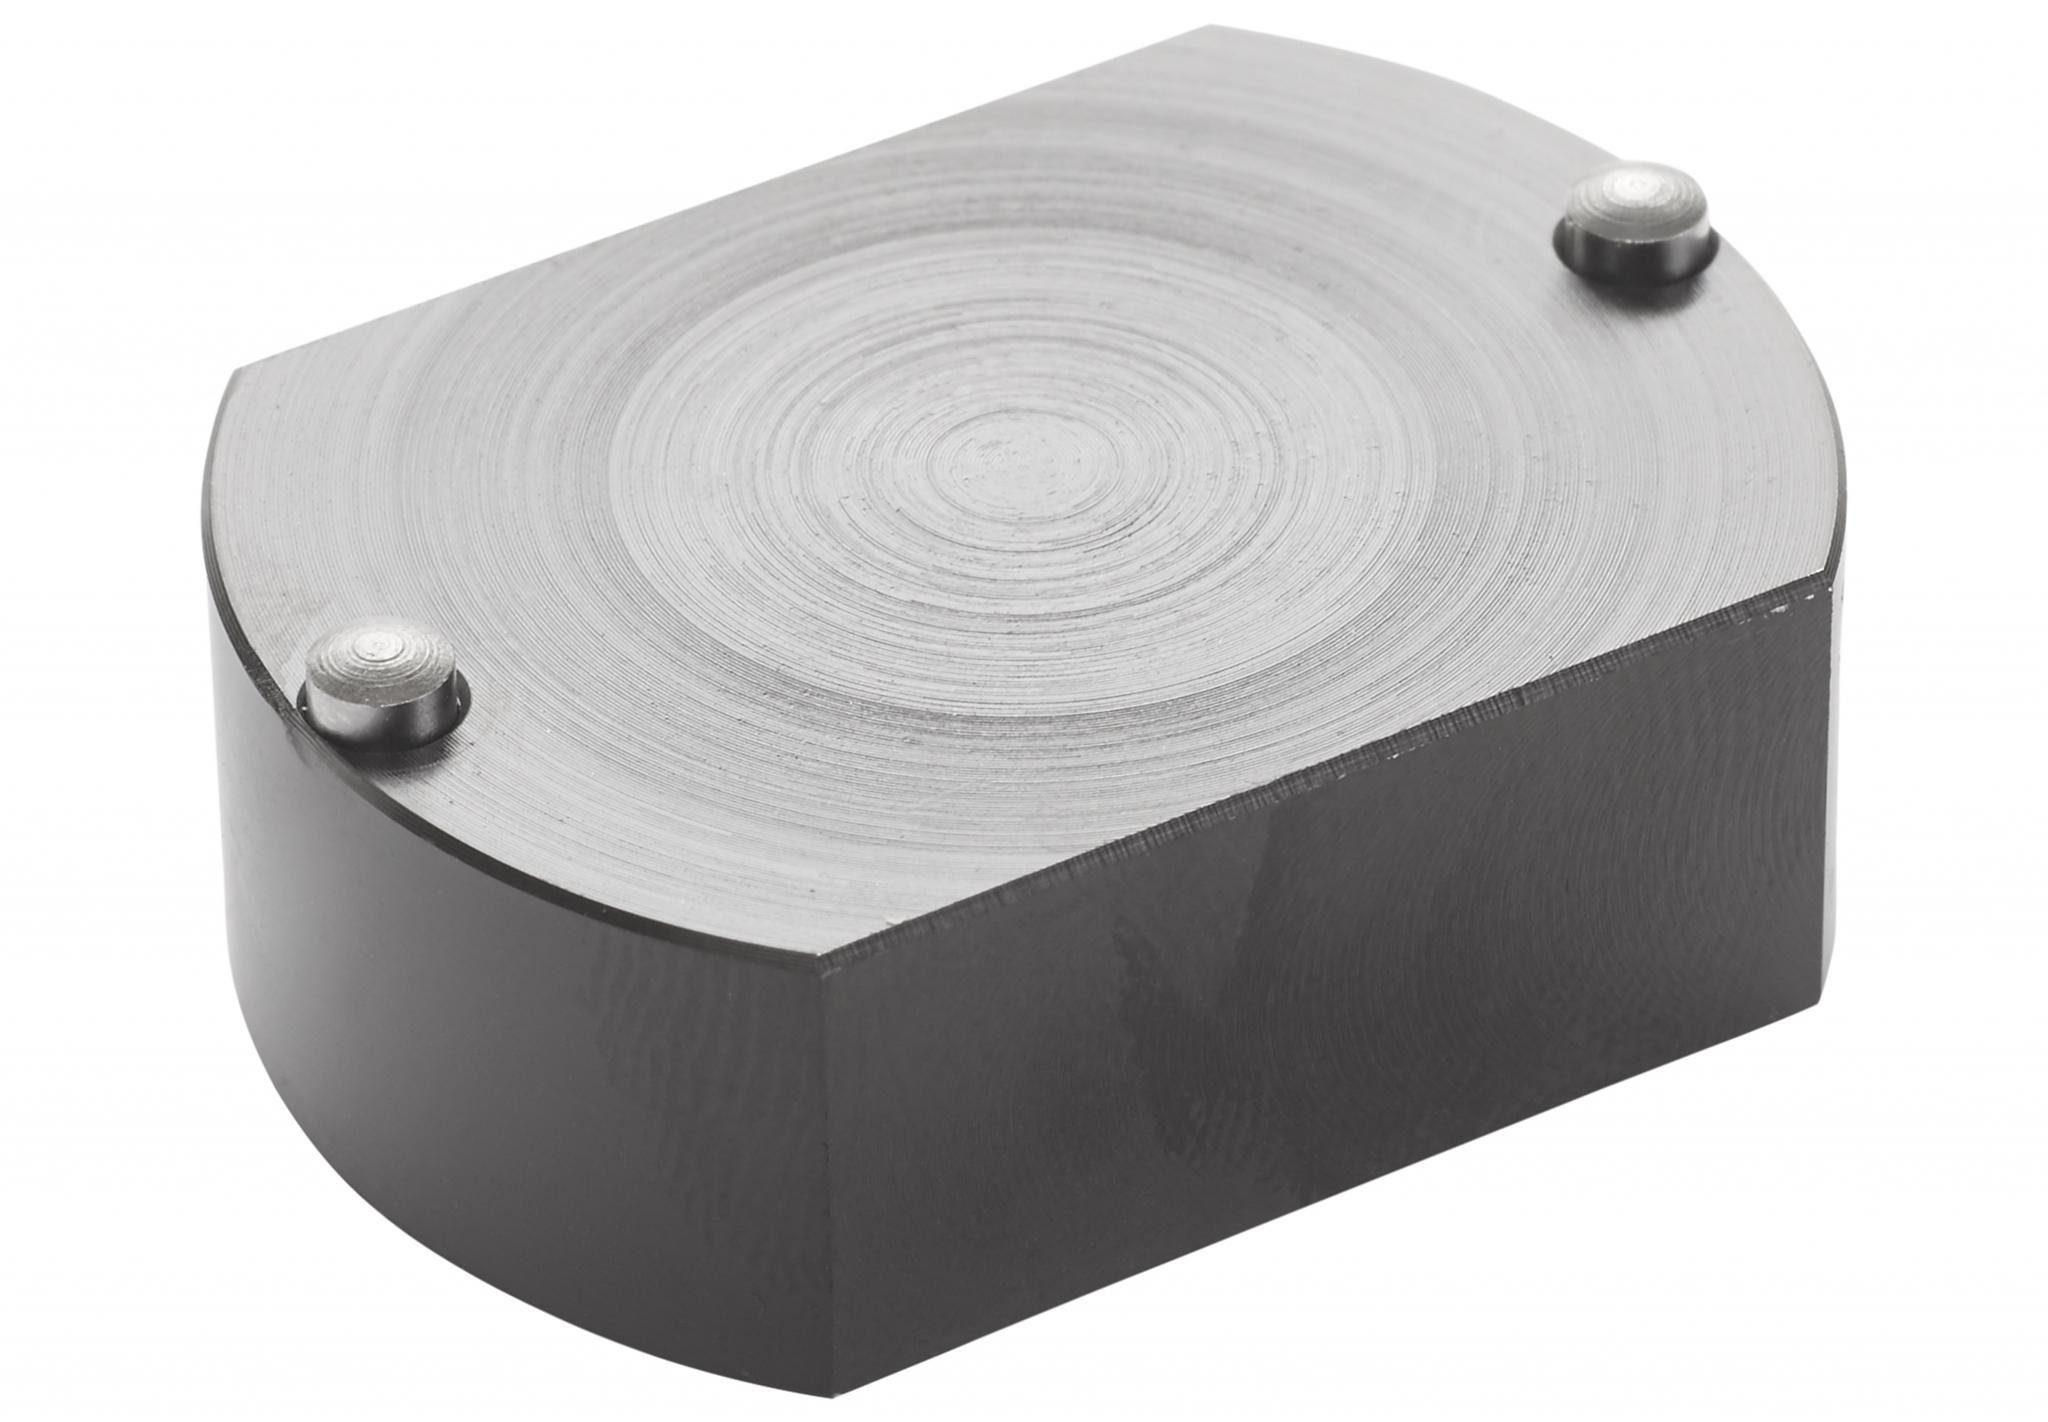 Tr!ckstuff Werkzeug & Montage »Ex-Tool Montagewerkzeug für Exzentriker«